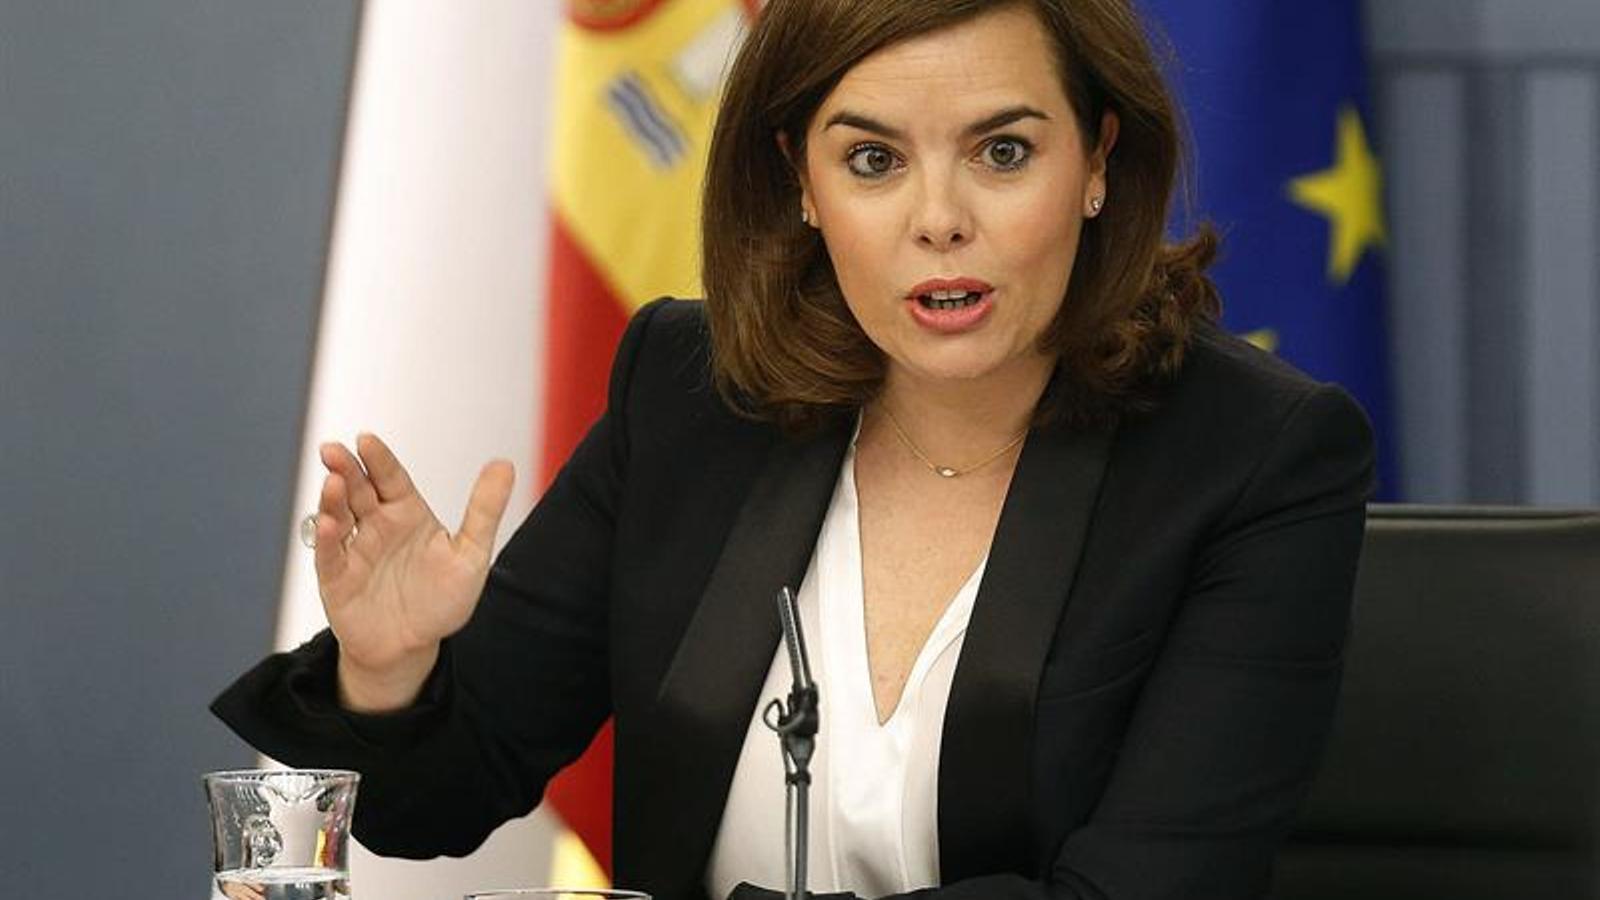 """Santamaría assegura que el 21-D es desenvoluparà amb """"absoluta netedat"""" i nega cap possibilitat de frau electoral"""